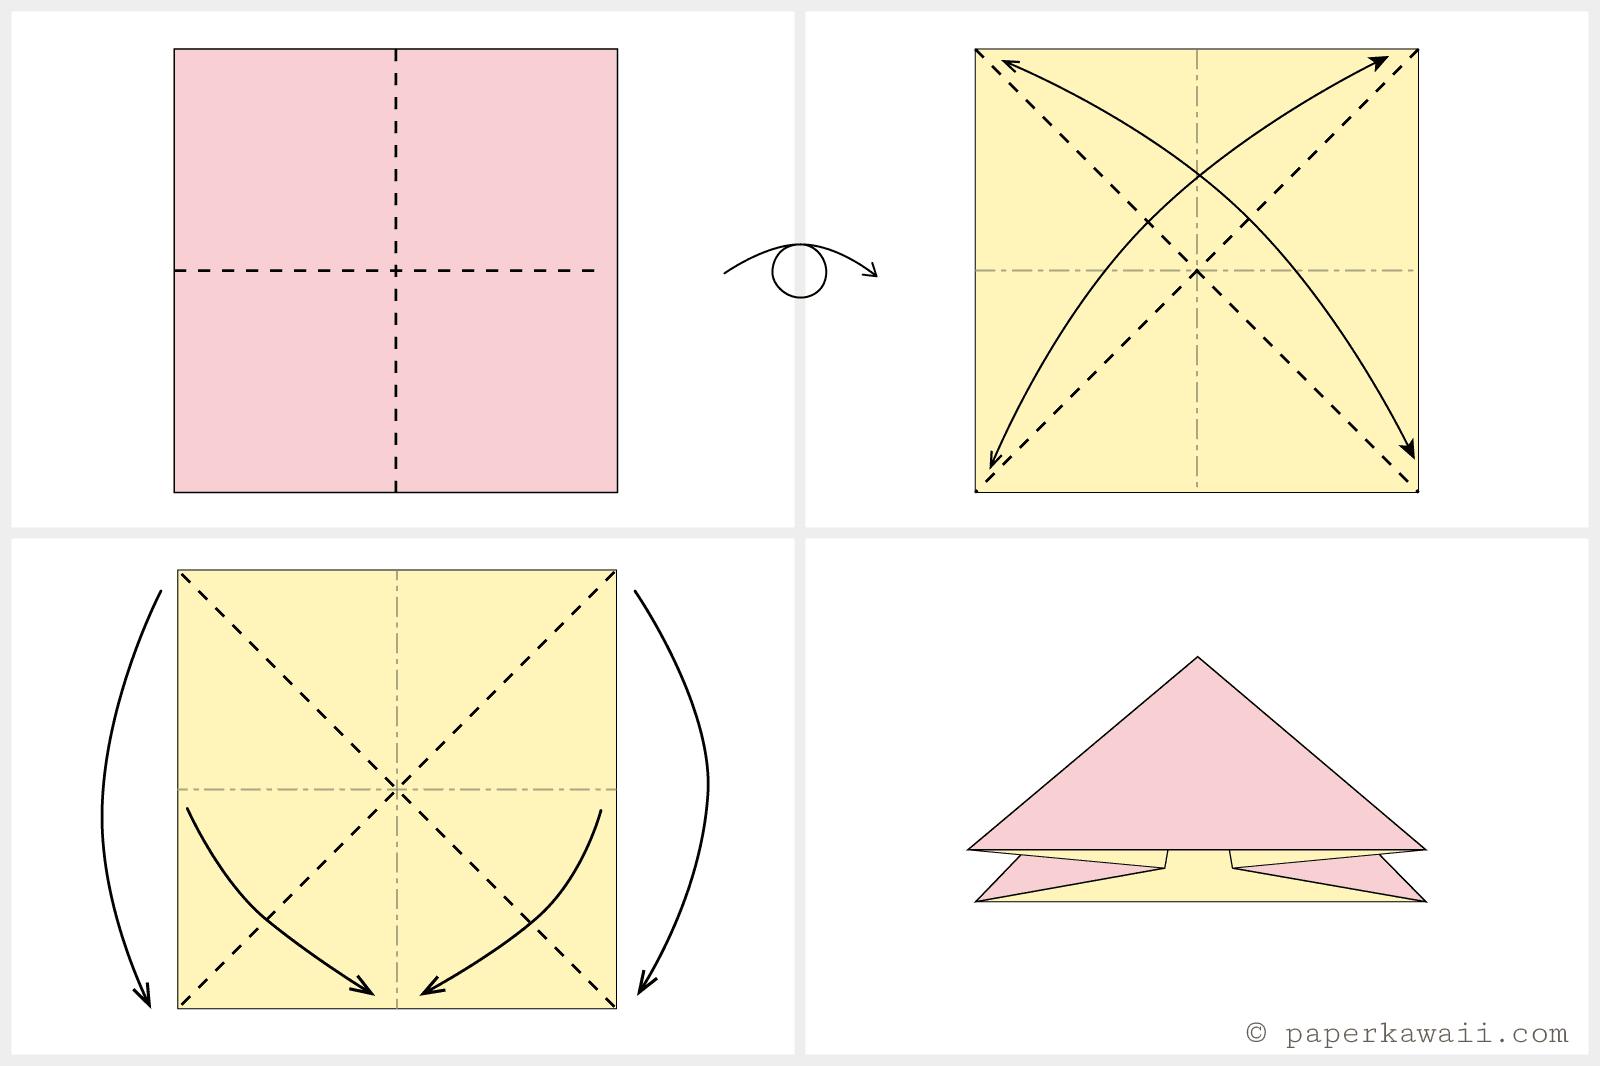 Origami tulip and stem folding diagram